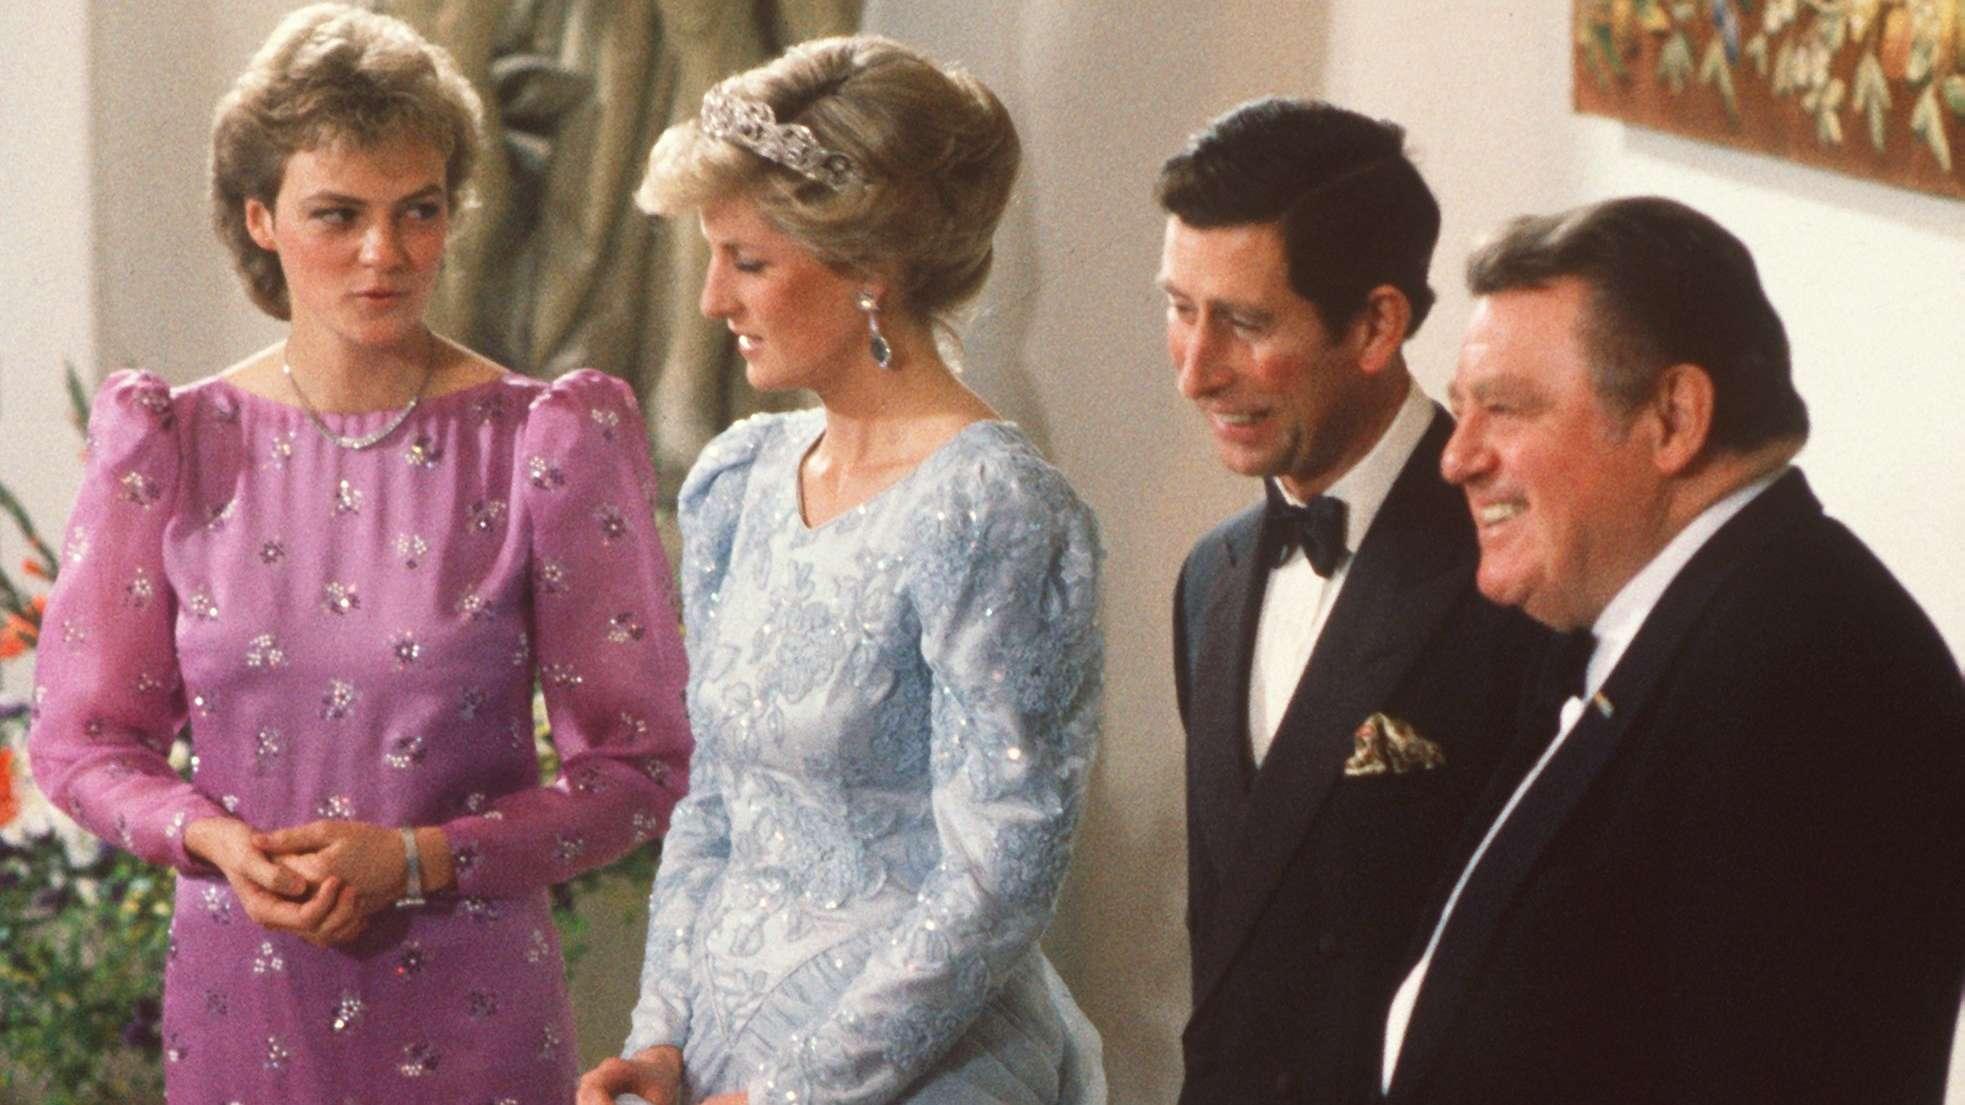 Prinzessin Diana (2.v.l) im Gespräch mit der Strauß-Tochter Monika Hohlmeier 1987 in München beim Empfang zum Abendessen mit Prinz Charles und Franz Josef Strauß (r).